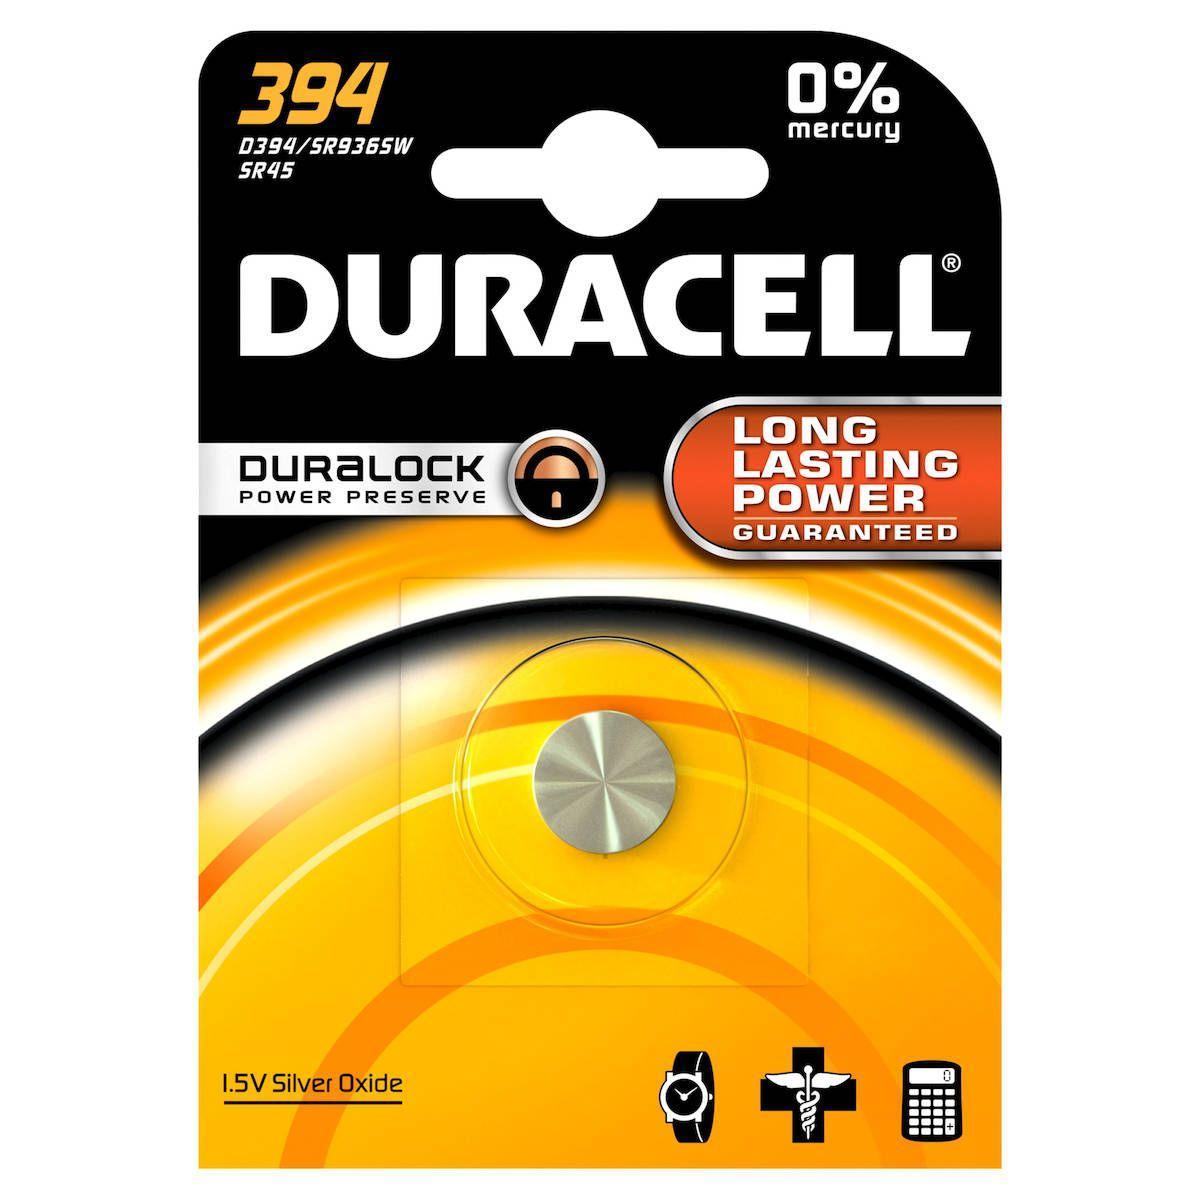 Pile non rechargeable duracell 394 - 2% de remise imm�diate avec le code : automne2 (photo)